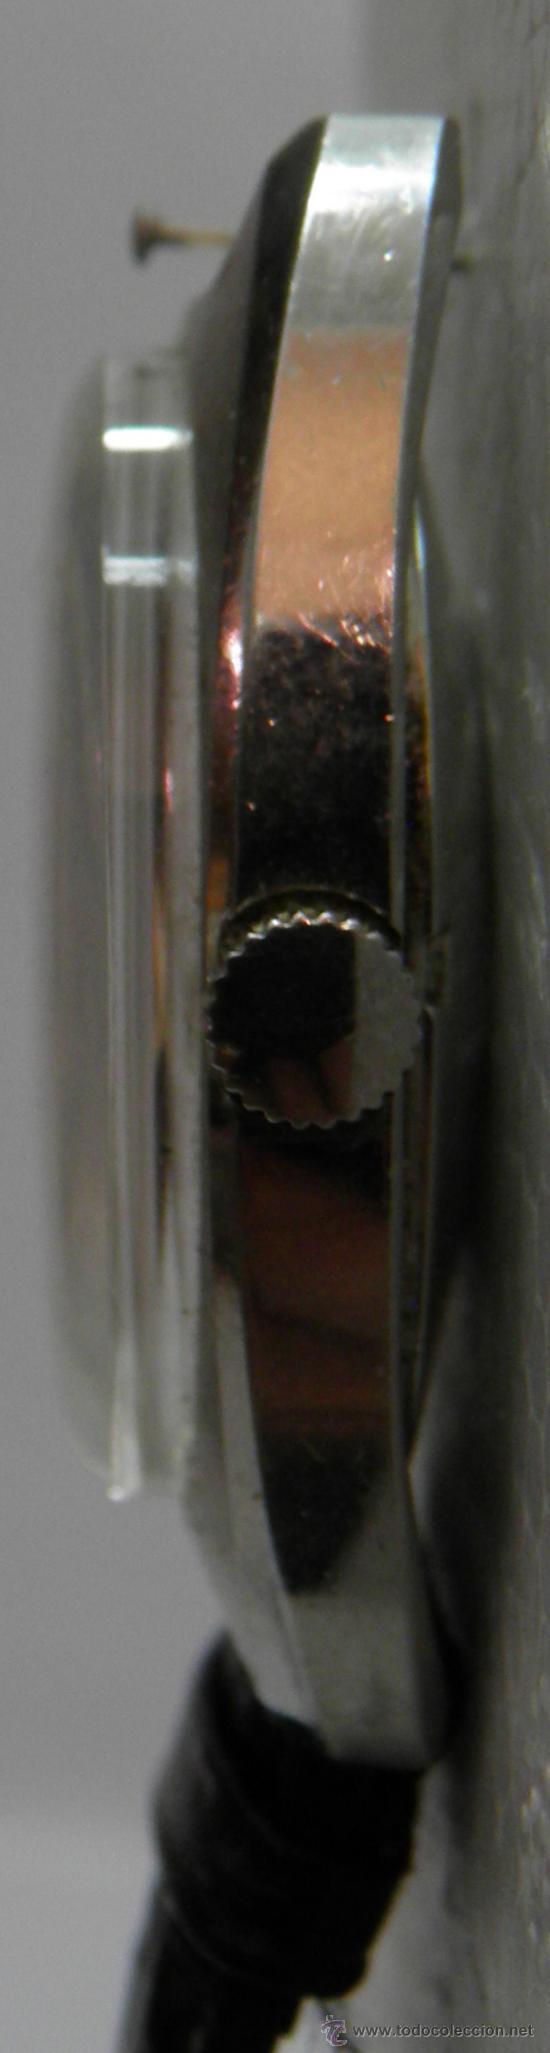 Relojes automáticos: RELOJ DE PULSERA THERMIDOR,21 RUBIS,INCABLOC,AUTOMATIC, AÑOS 50 O 60 - Foto 6 - 39220514